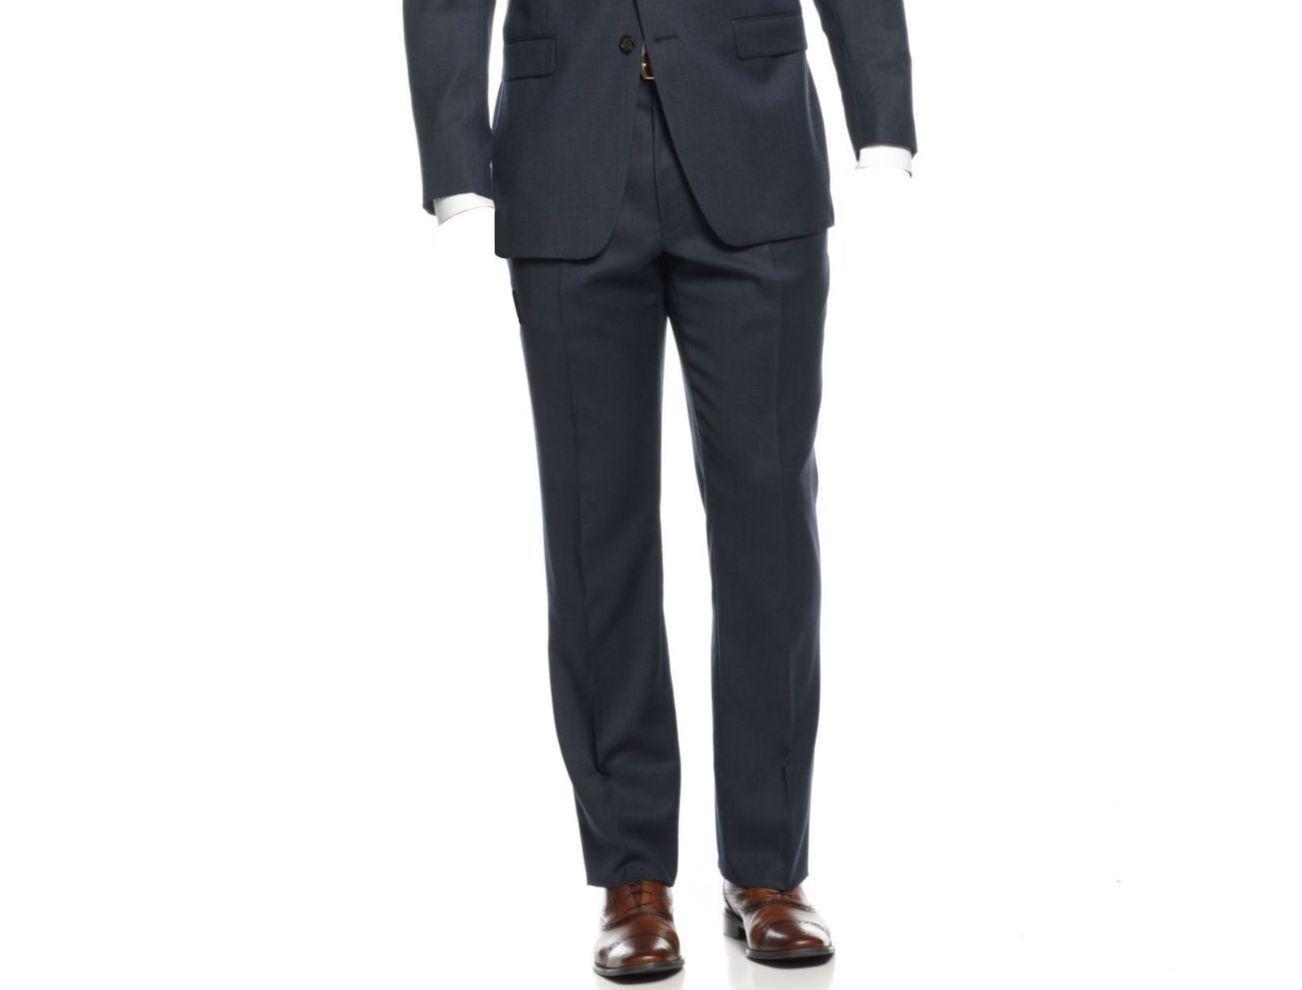 RALPH LAUREN 38W 29L Men's Trousers SOLID blueE FLAT FRONT DRESS SUIT PANTS